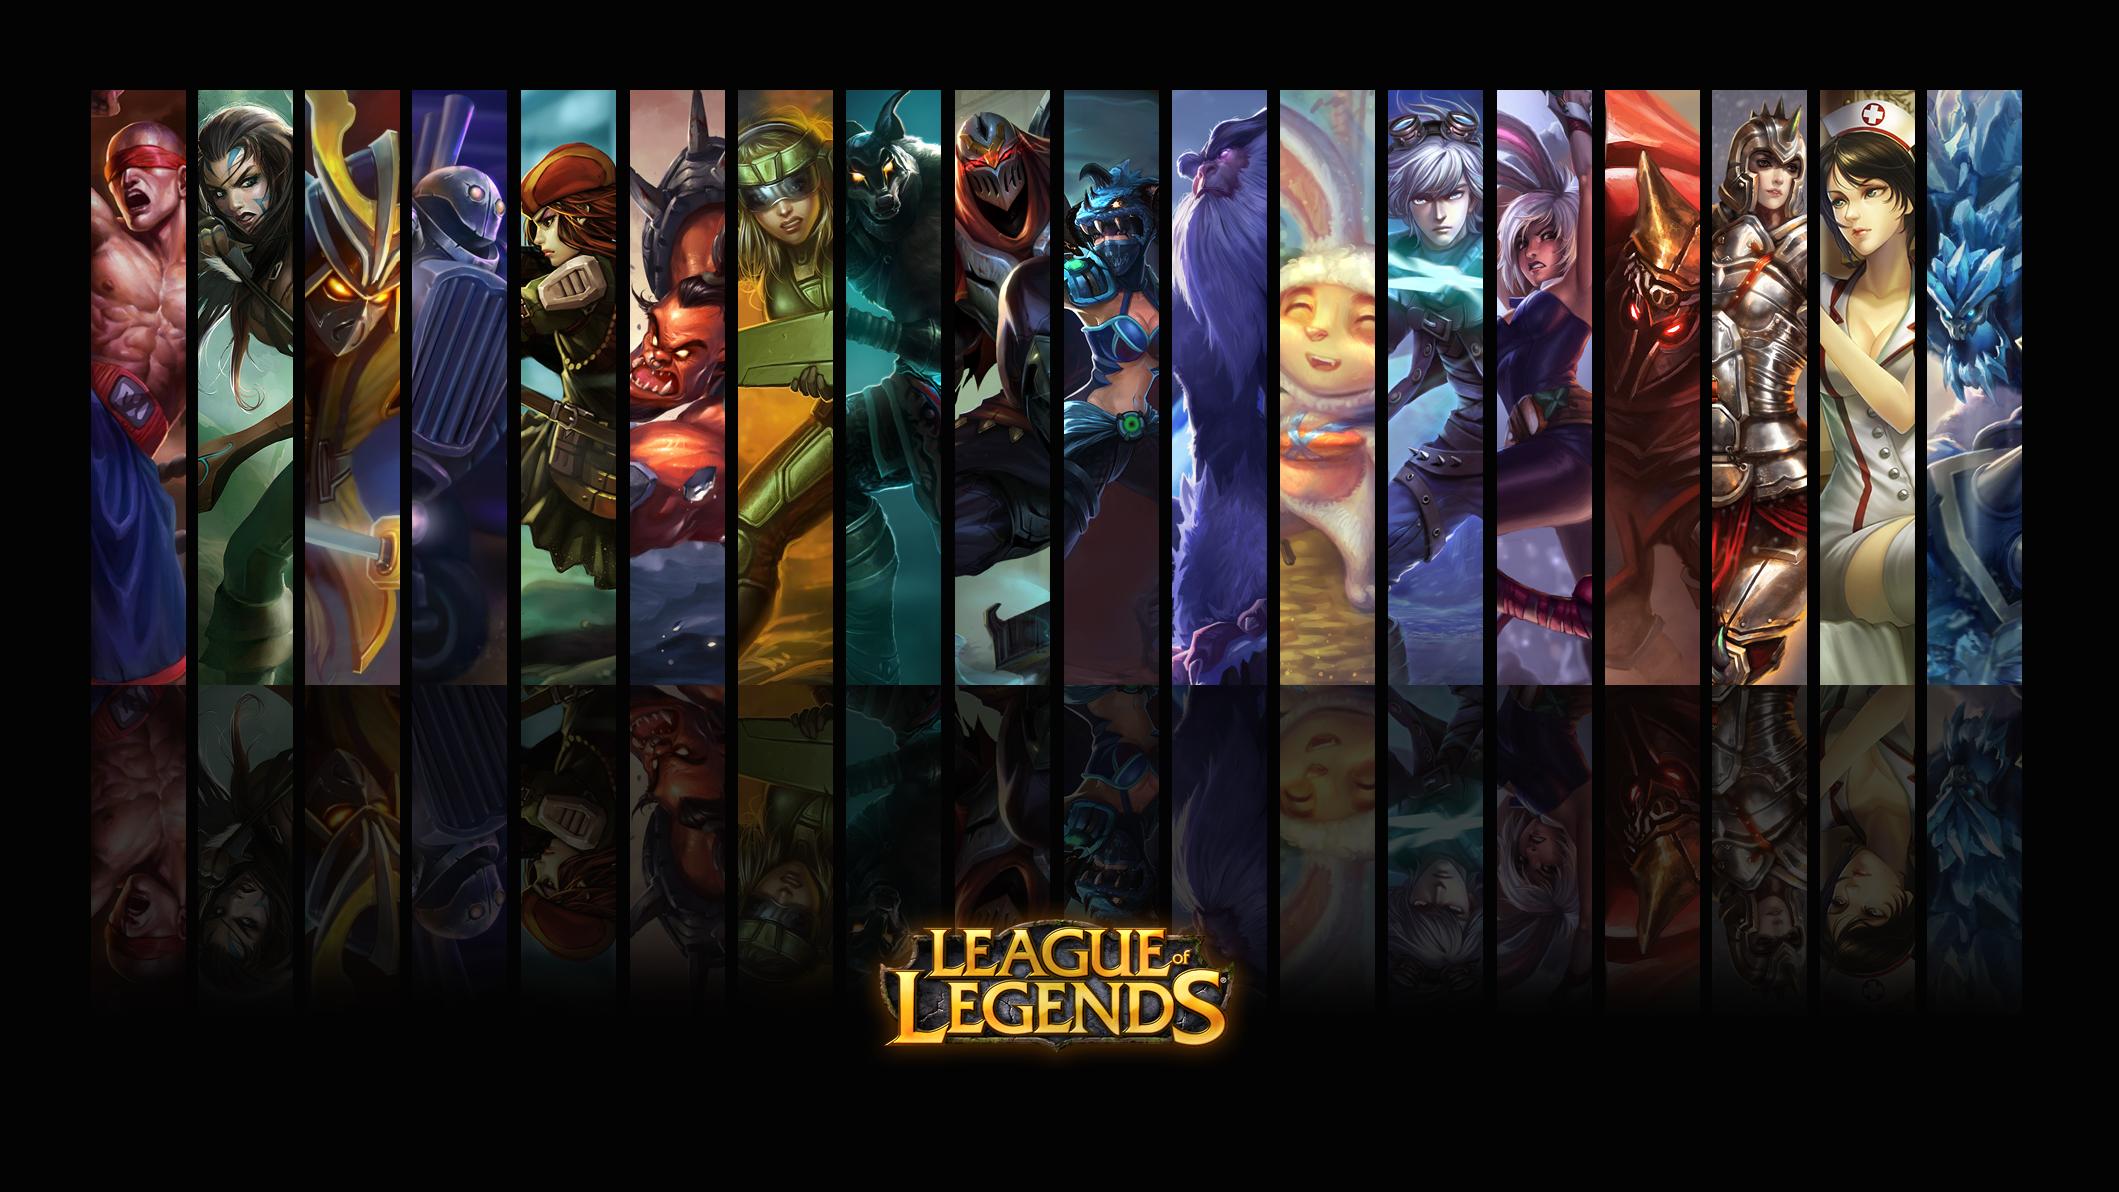 Fonds D 39 Ecran League Of Legends Tous Les Wallpapers League Of League Of Legends Game League Of Legends League Of Legends Video